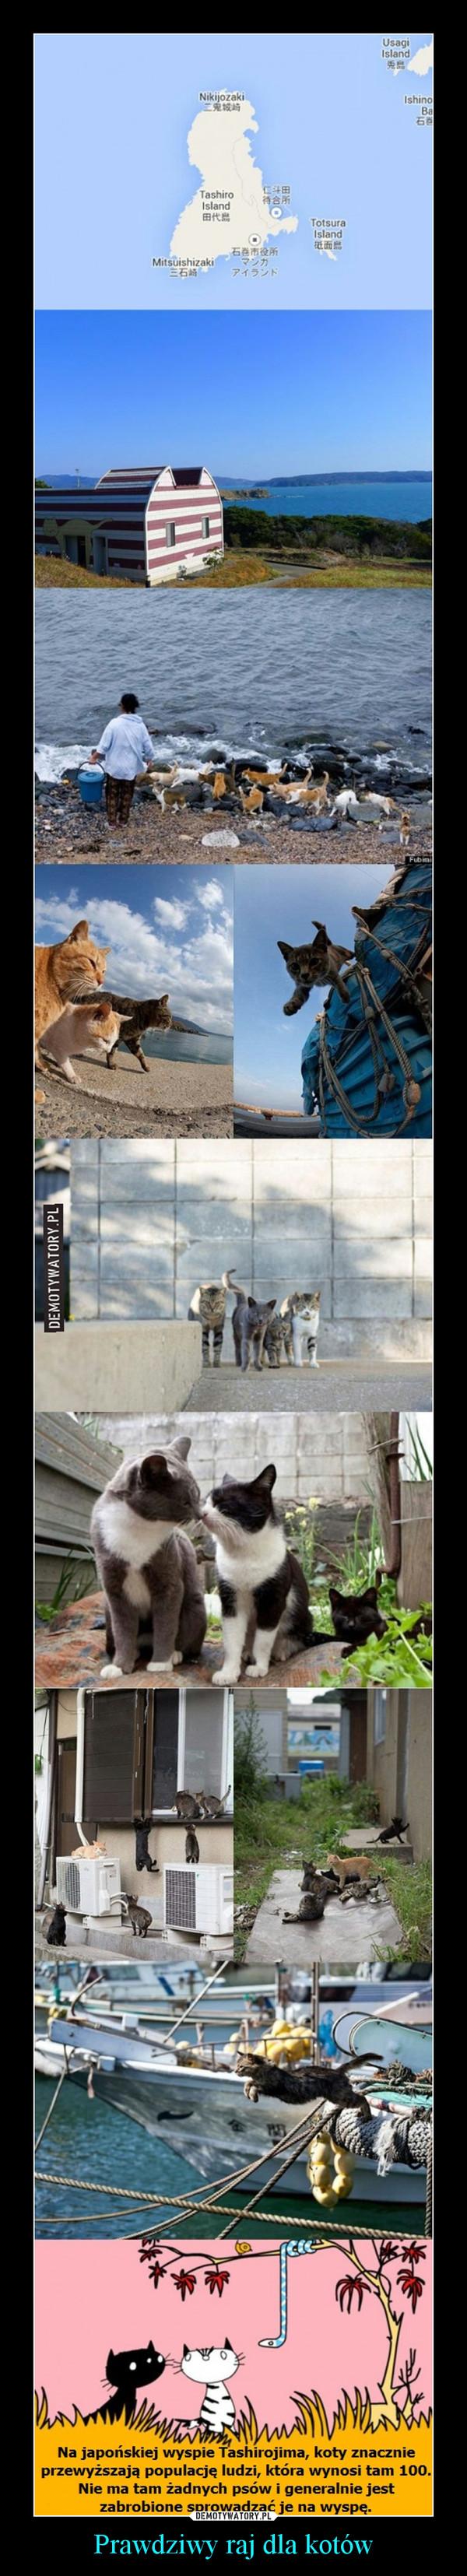 Prawdziwy raj dla kotów –